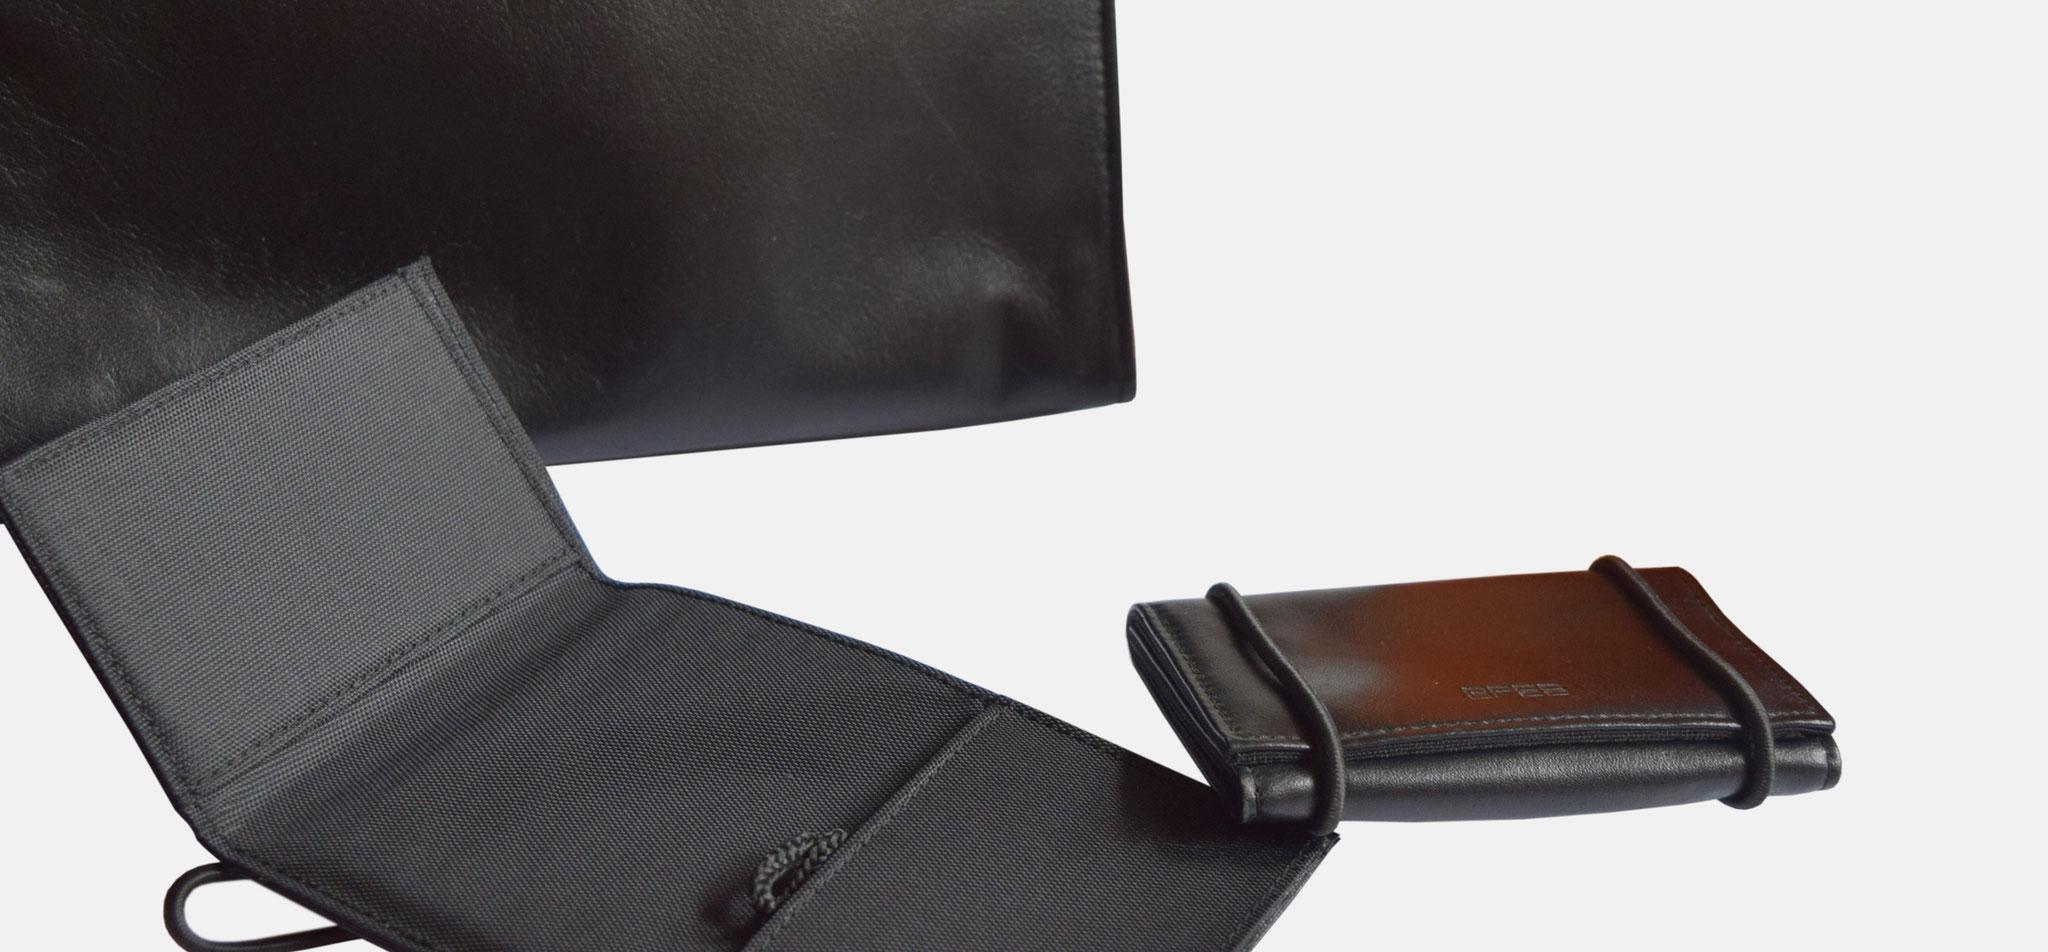 BREE | kleintaschenserie poco, leder und nylon, verschluss via gummiband – infragrau, gute gestaltung